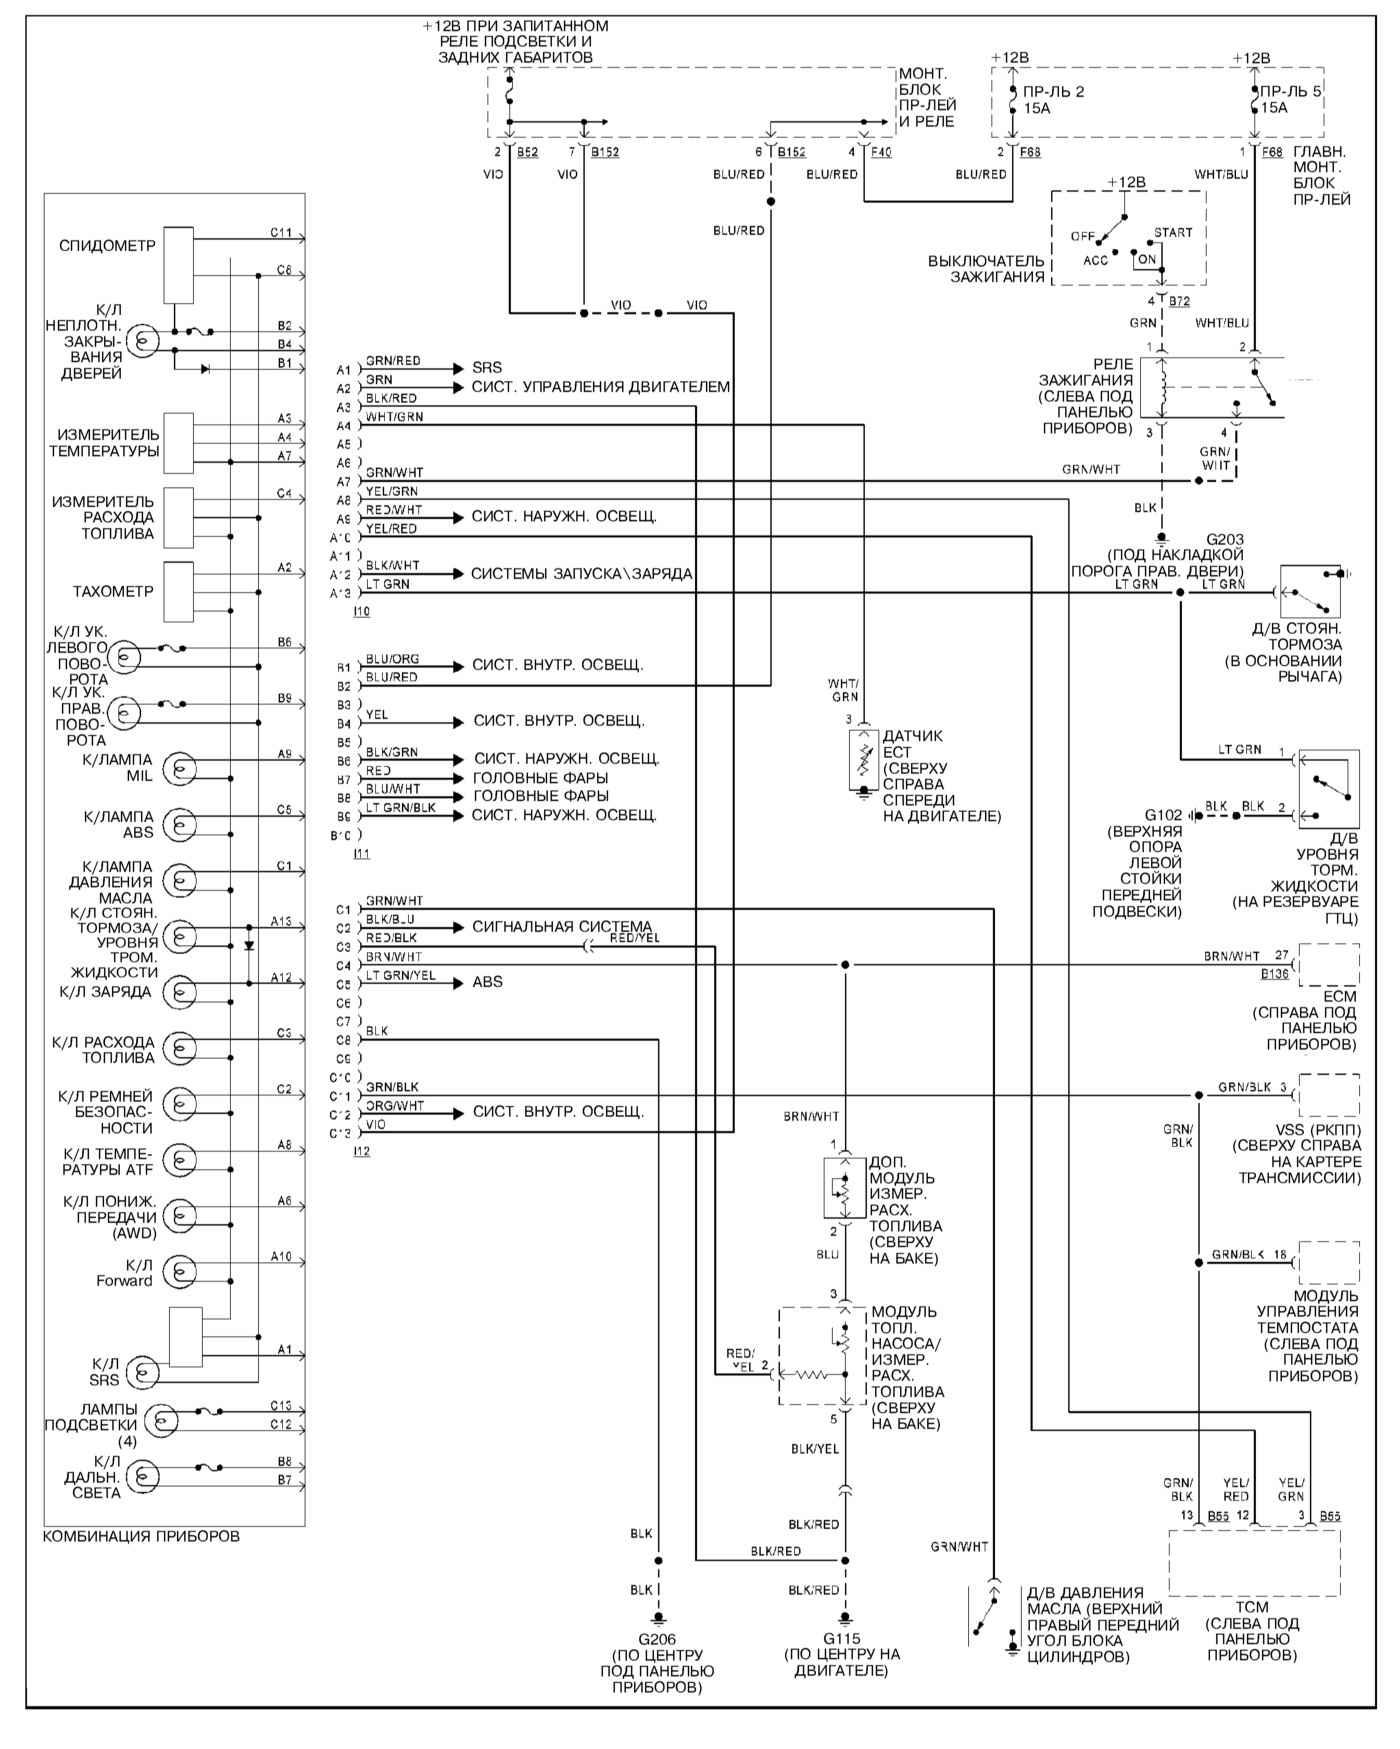 панель приборов subaru forester sf5 схема